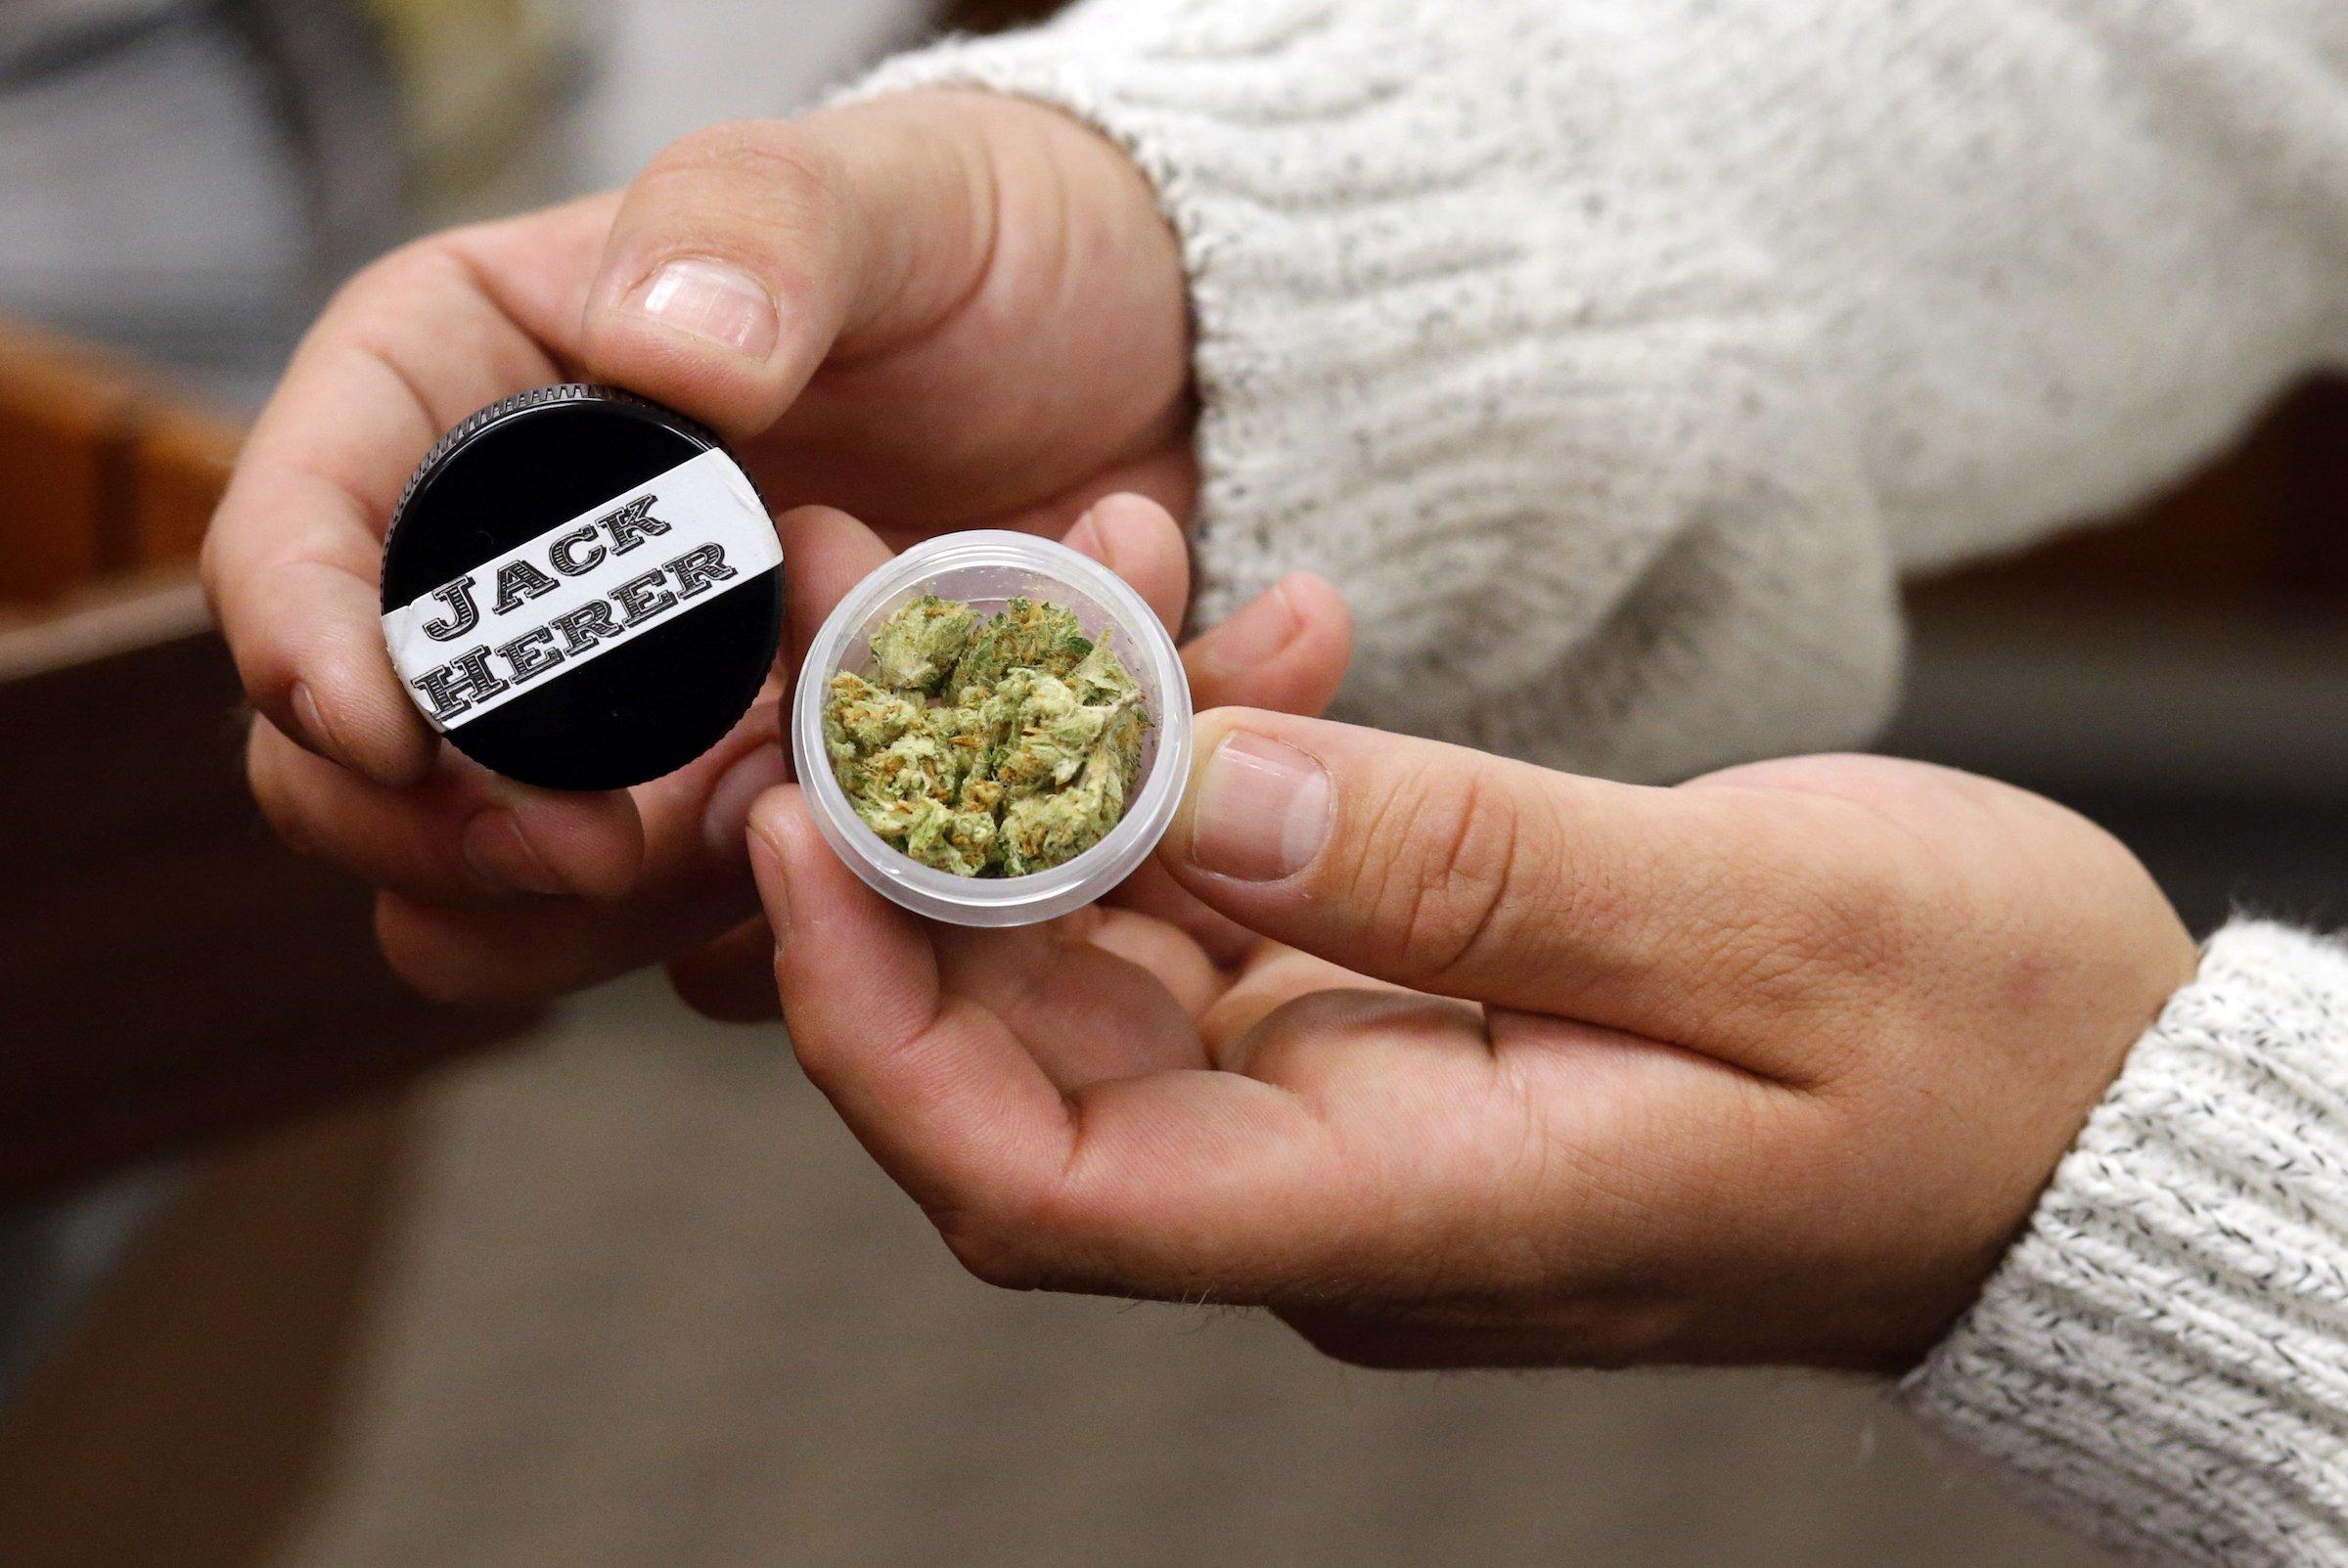 Nación Cannabis | HERB obtiene inversión de 4.1 millones de dólares